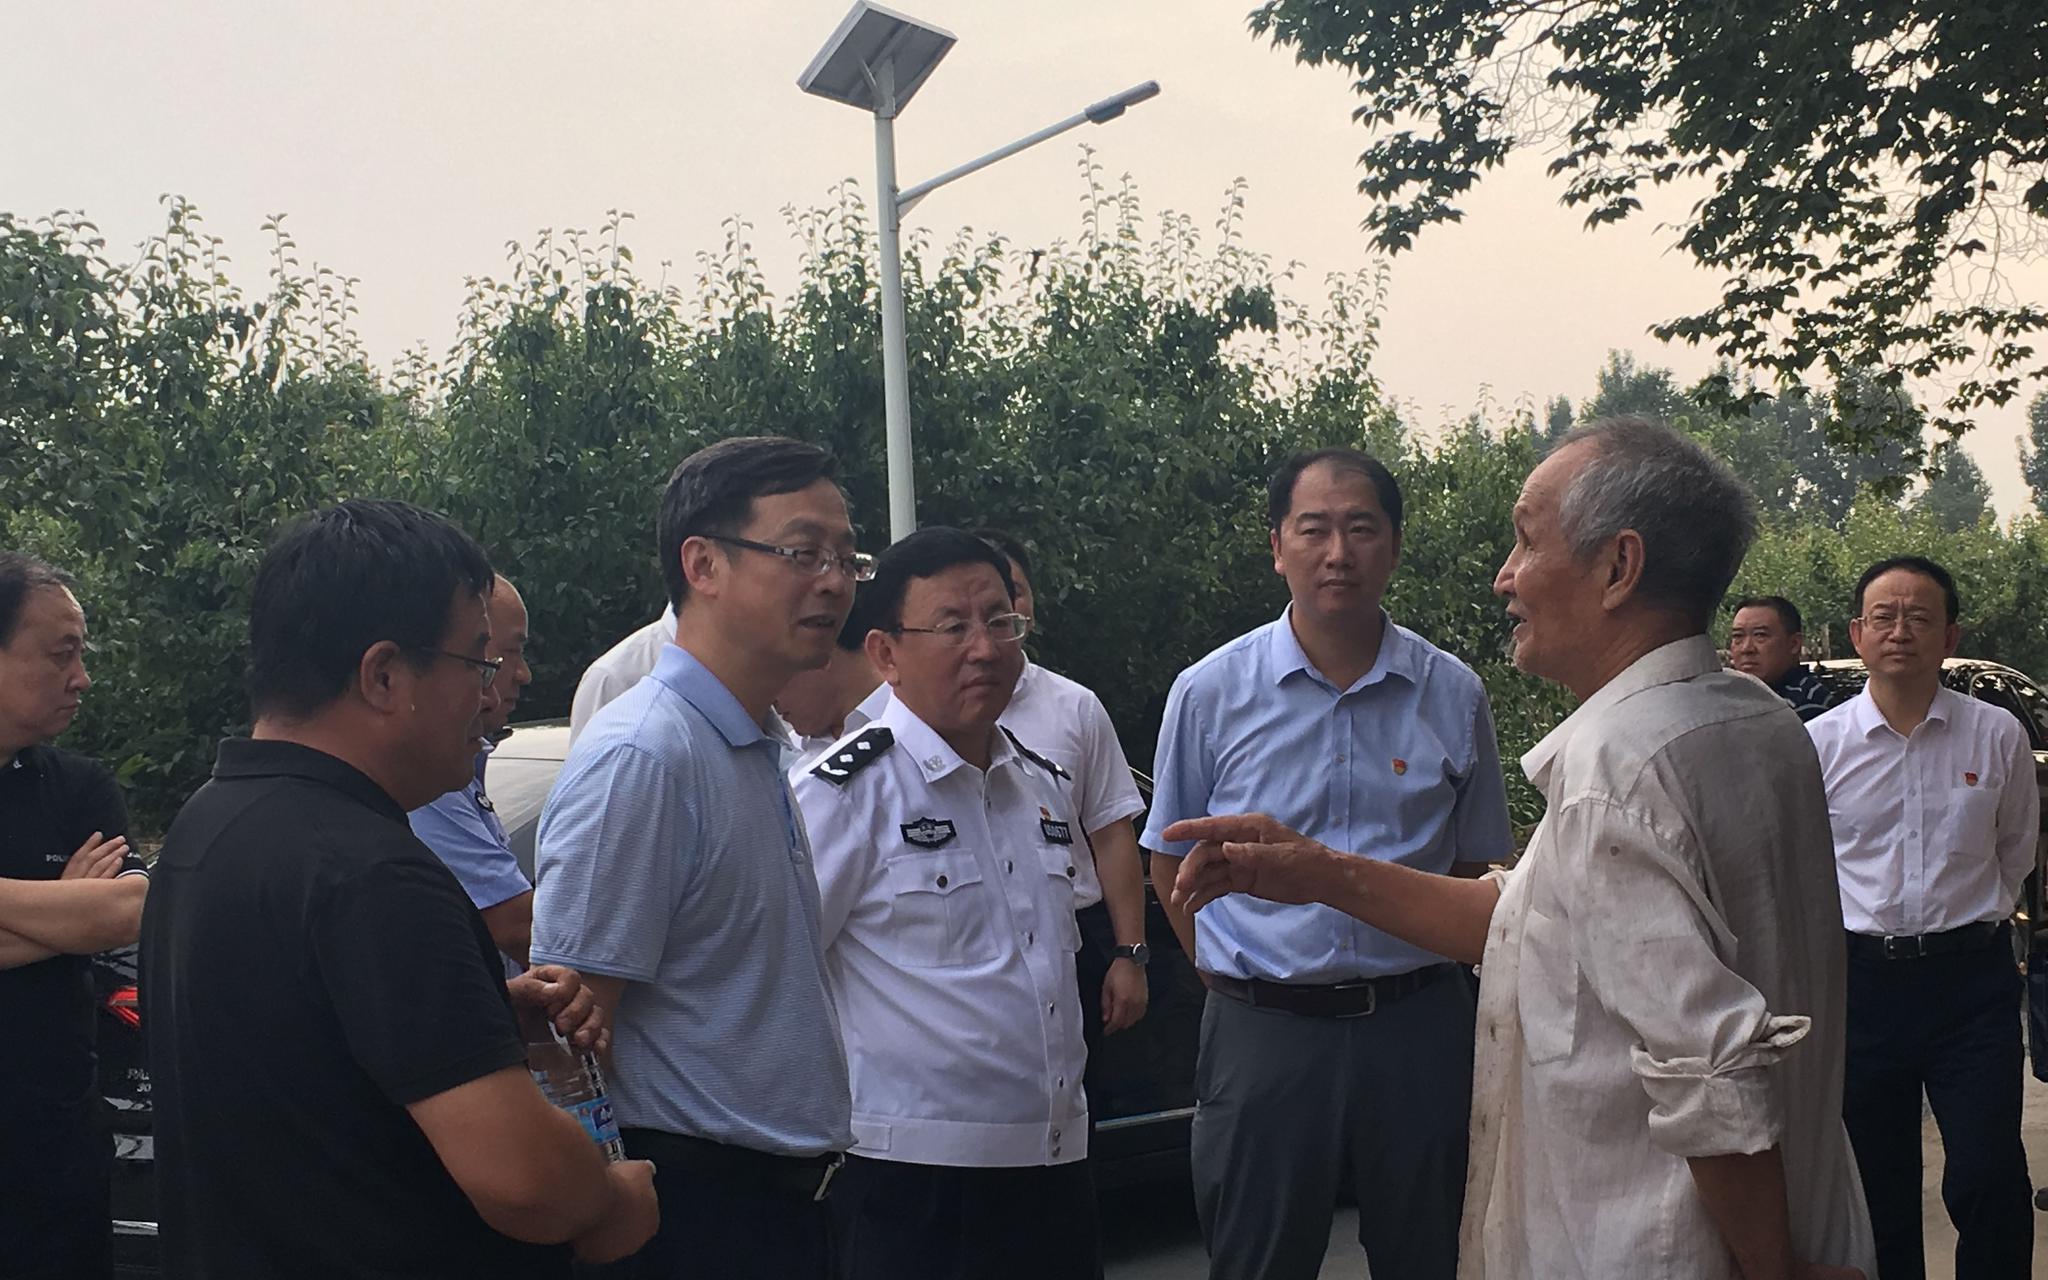 6月18日,督导组在房山区琉璃河镇五间房村入户了解扫黑除恶专项斗争开展情况。新京报记者 何强 摄